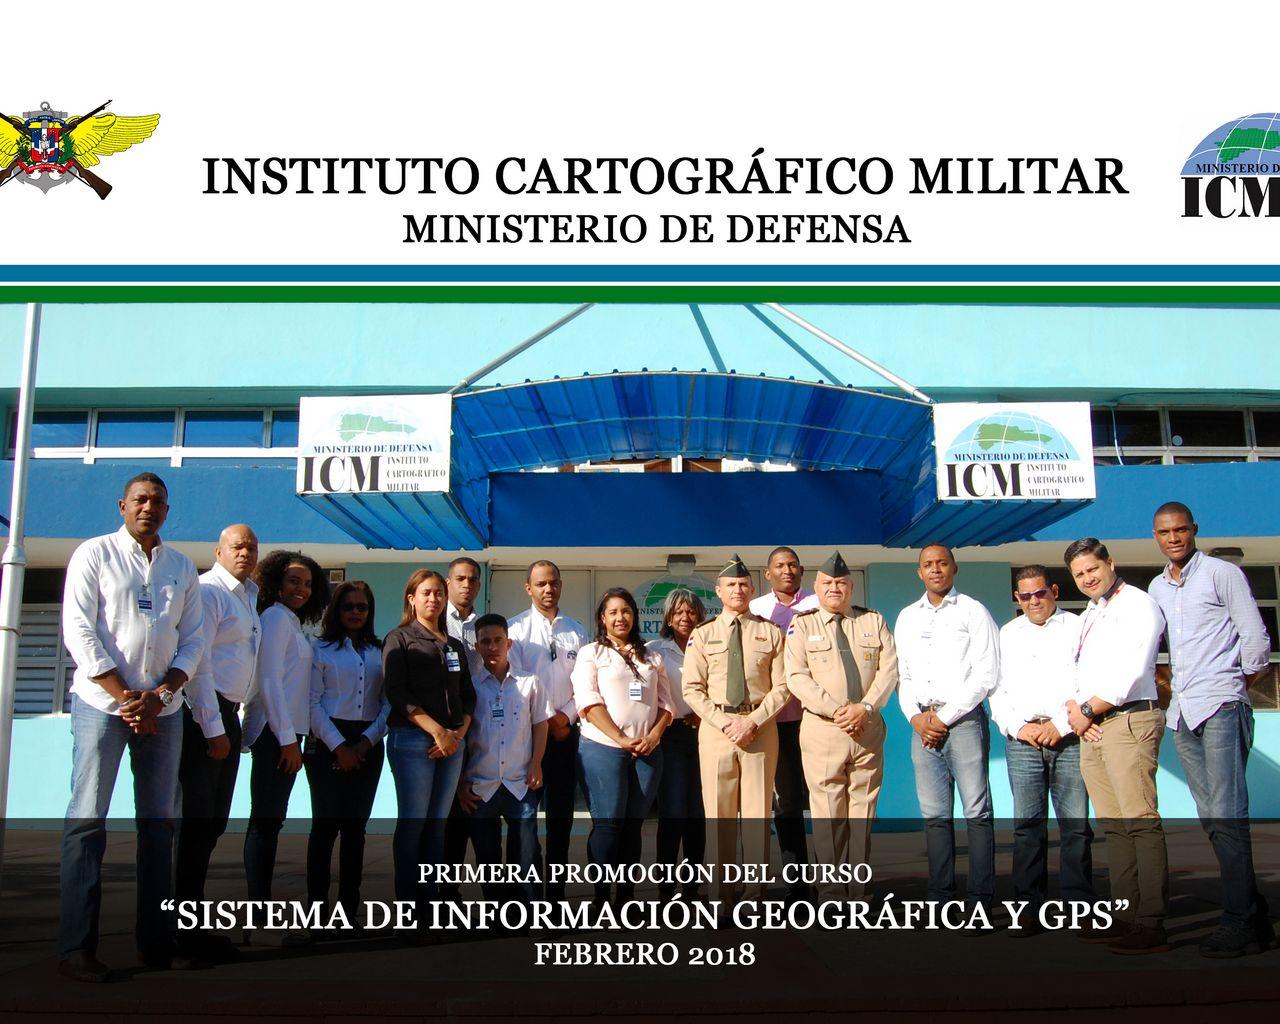 """Primera Promoción del Curso """"Sistema de Información Geográfica y GPS 2018"""""""